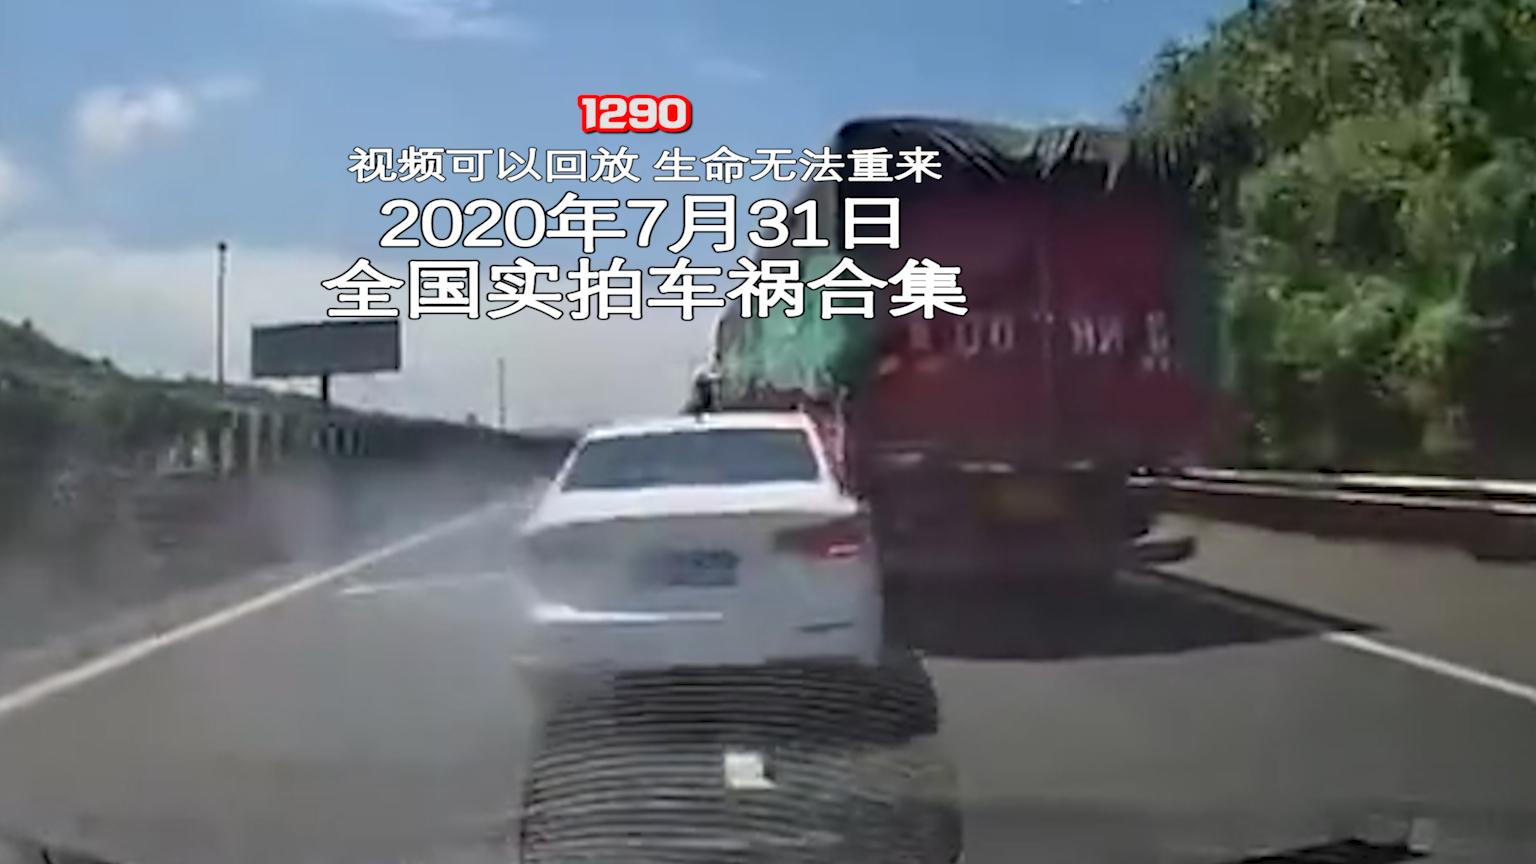 1290期:孩童穿越马路玩耍,在母亲面前被车撞飞【20200731全国车祸合集】